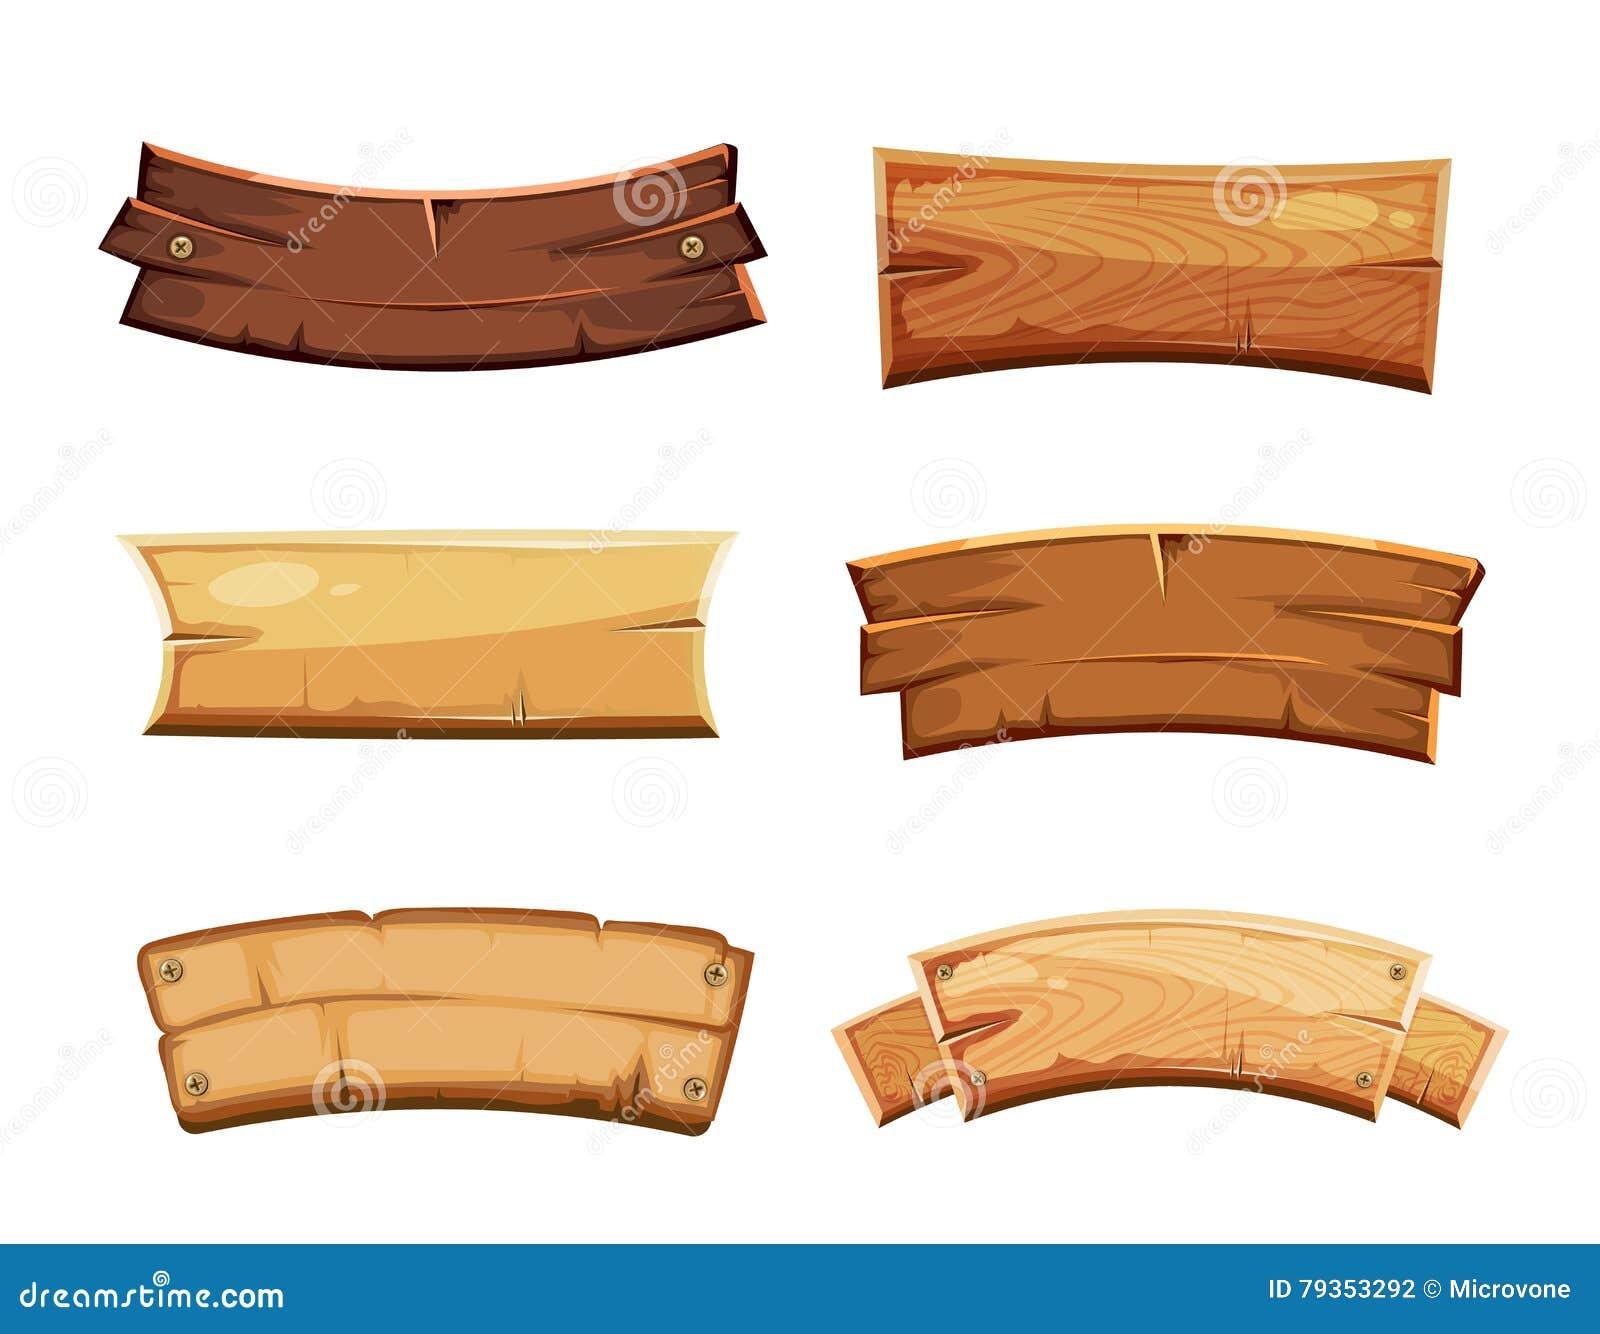 Wood frames set free vector - Banner Blank Cartoon Frame Illustration Plank Set Vector Vintage Western Wood